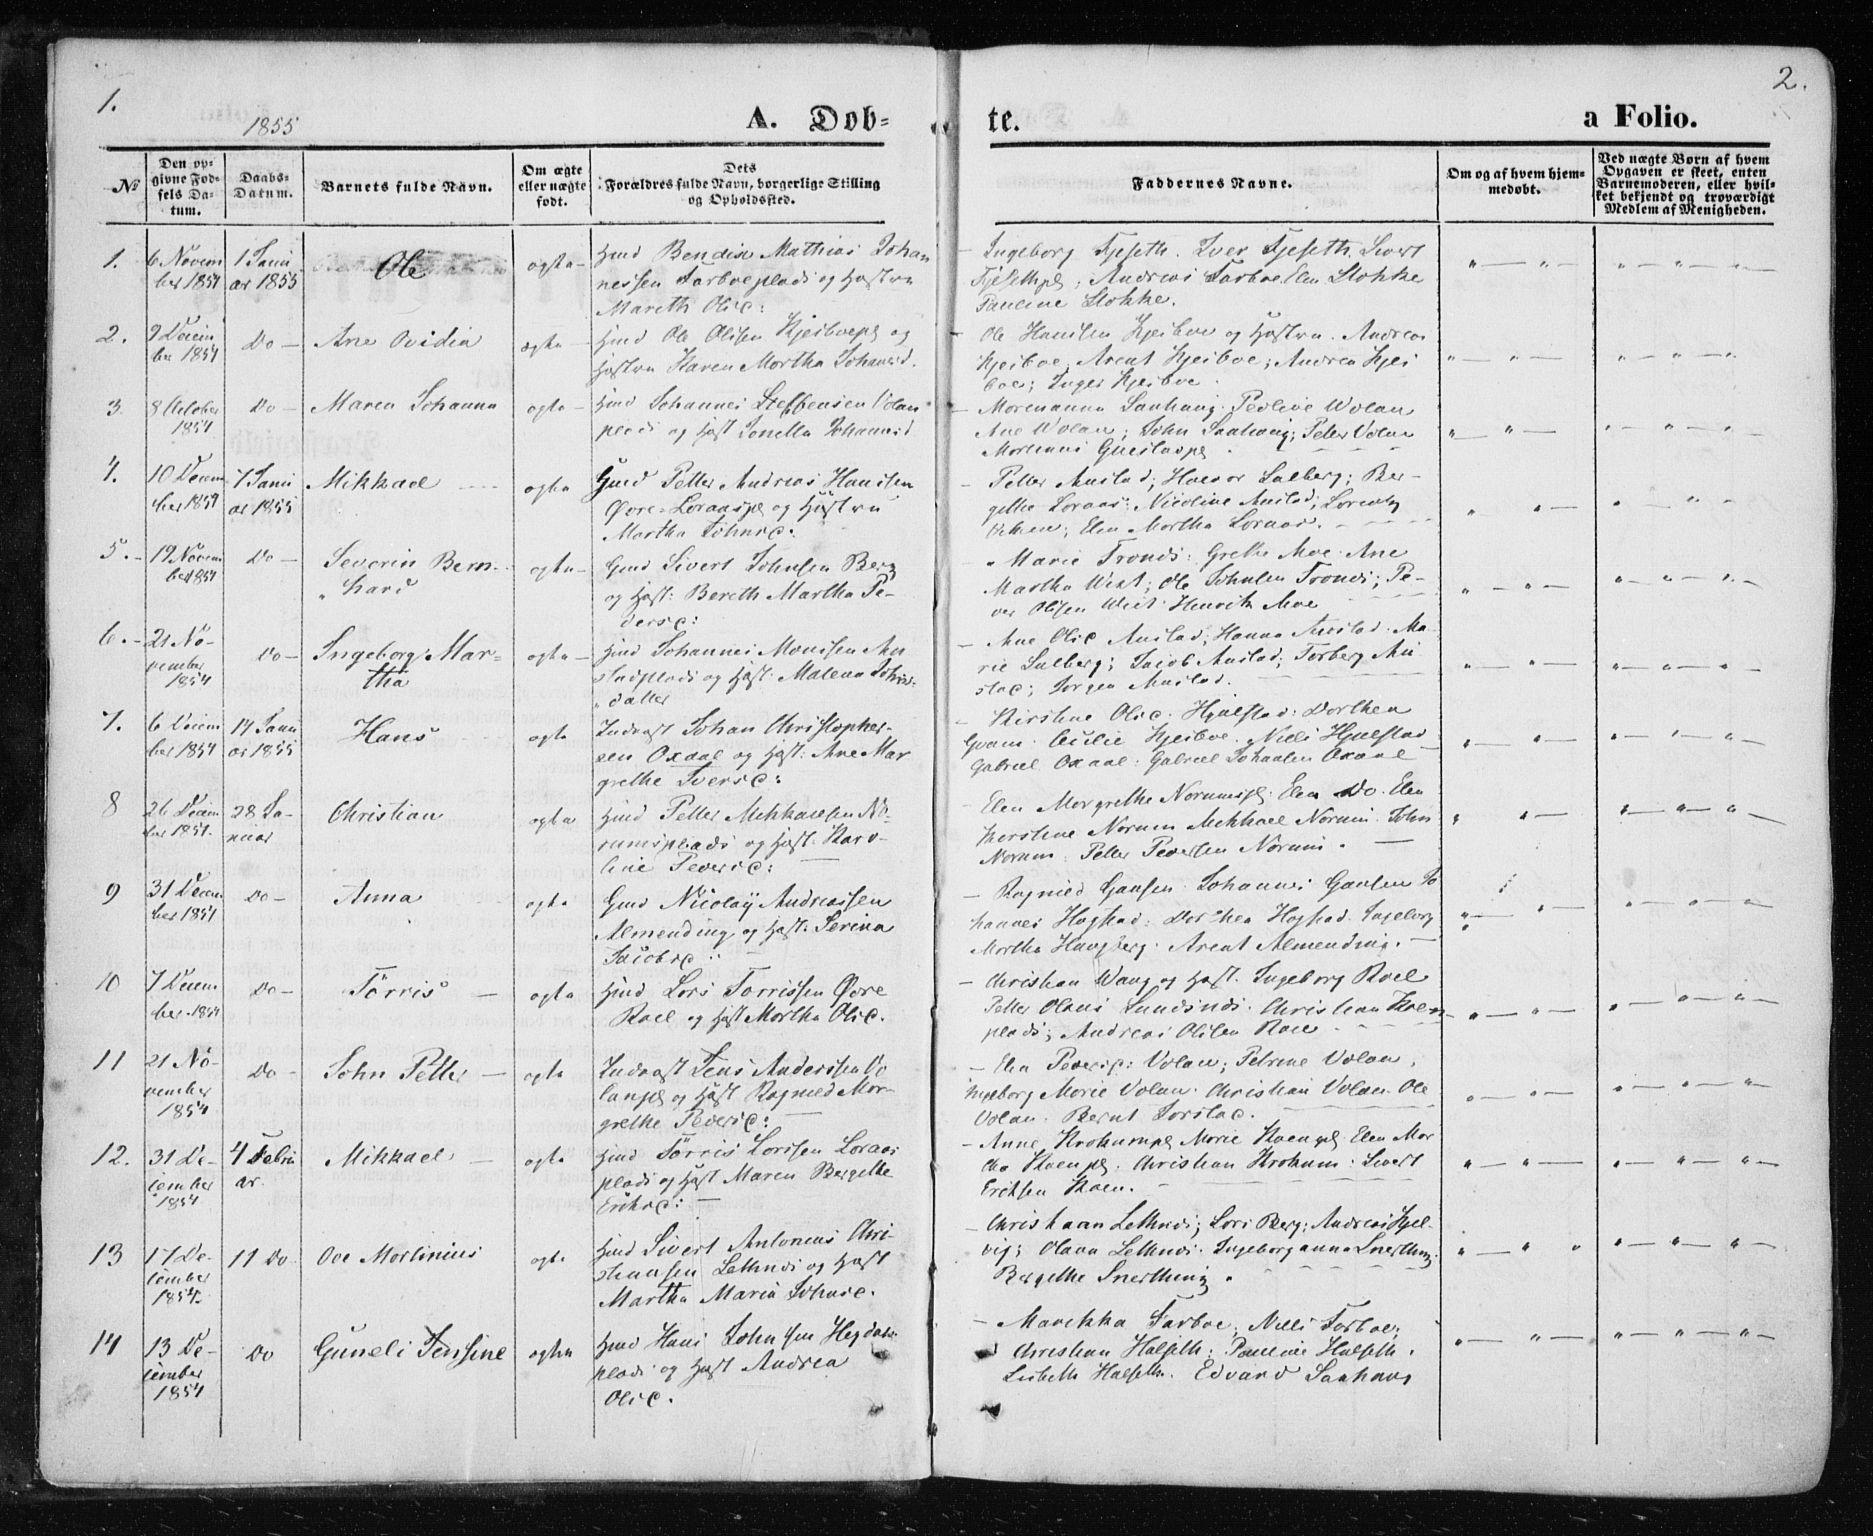 SAT, Ministerialprotokoller, klokkerbøker og fødselsregistre - Nord-Trøndelag, 730/L0283: Ministerialbok nr. 730A08, 1855-1865, s. 1-2